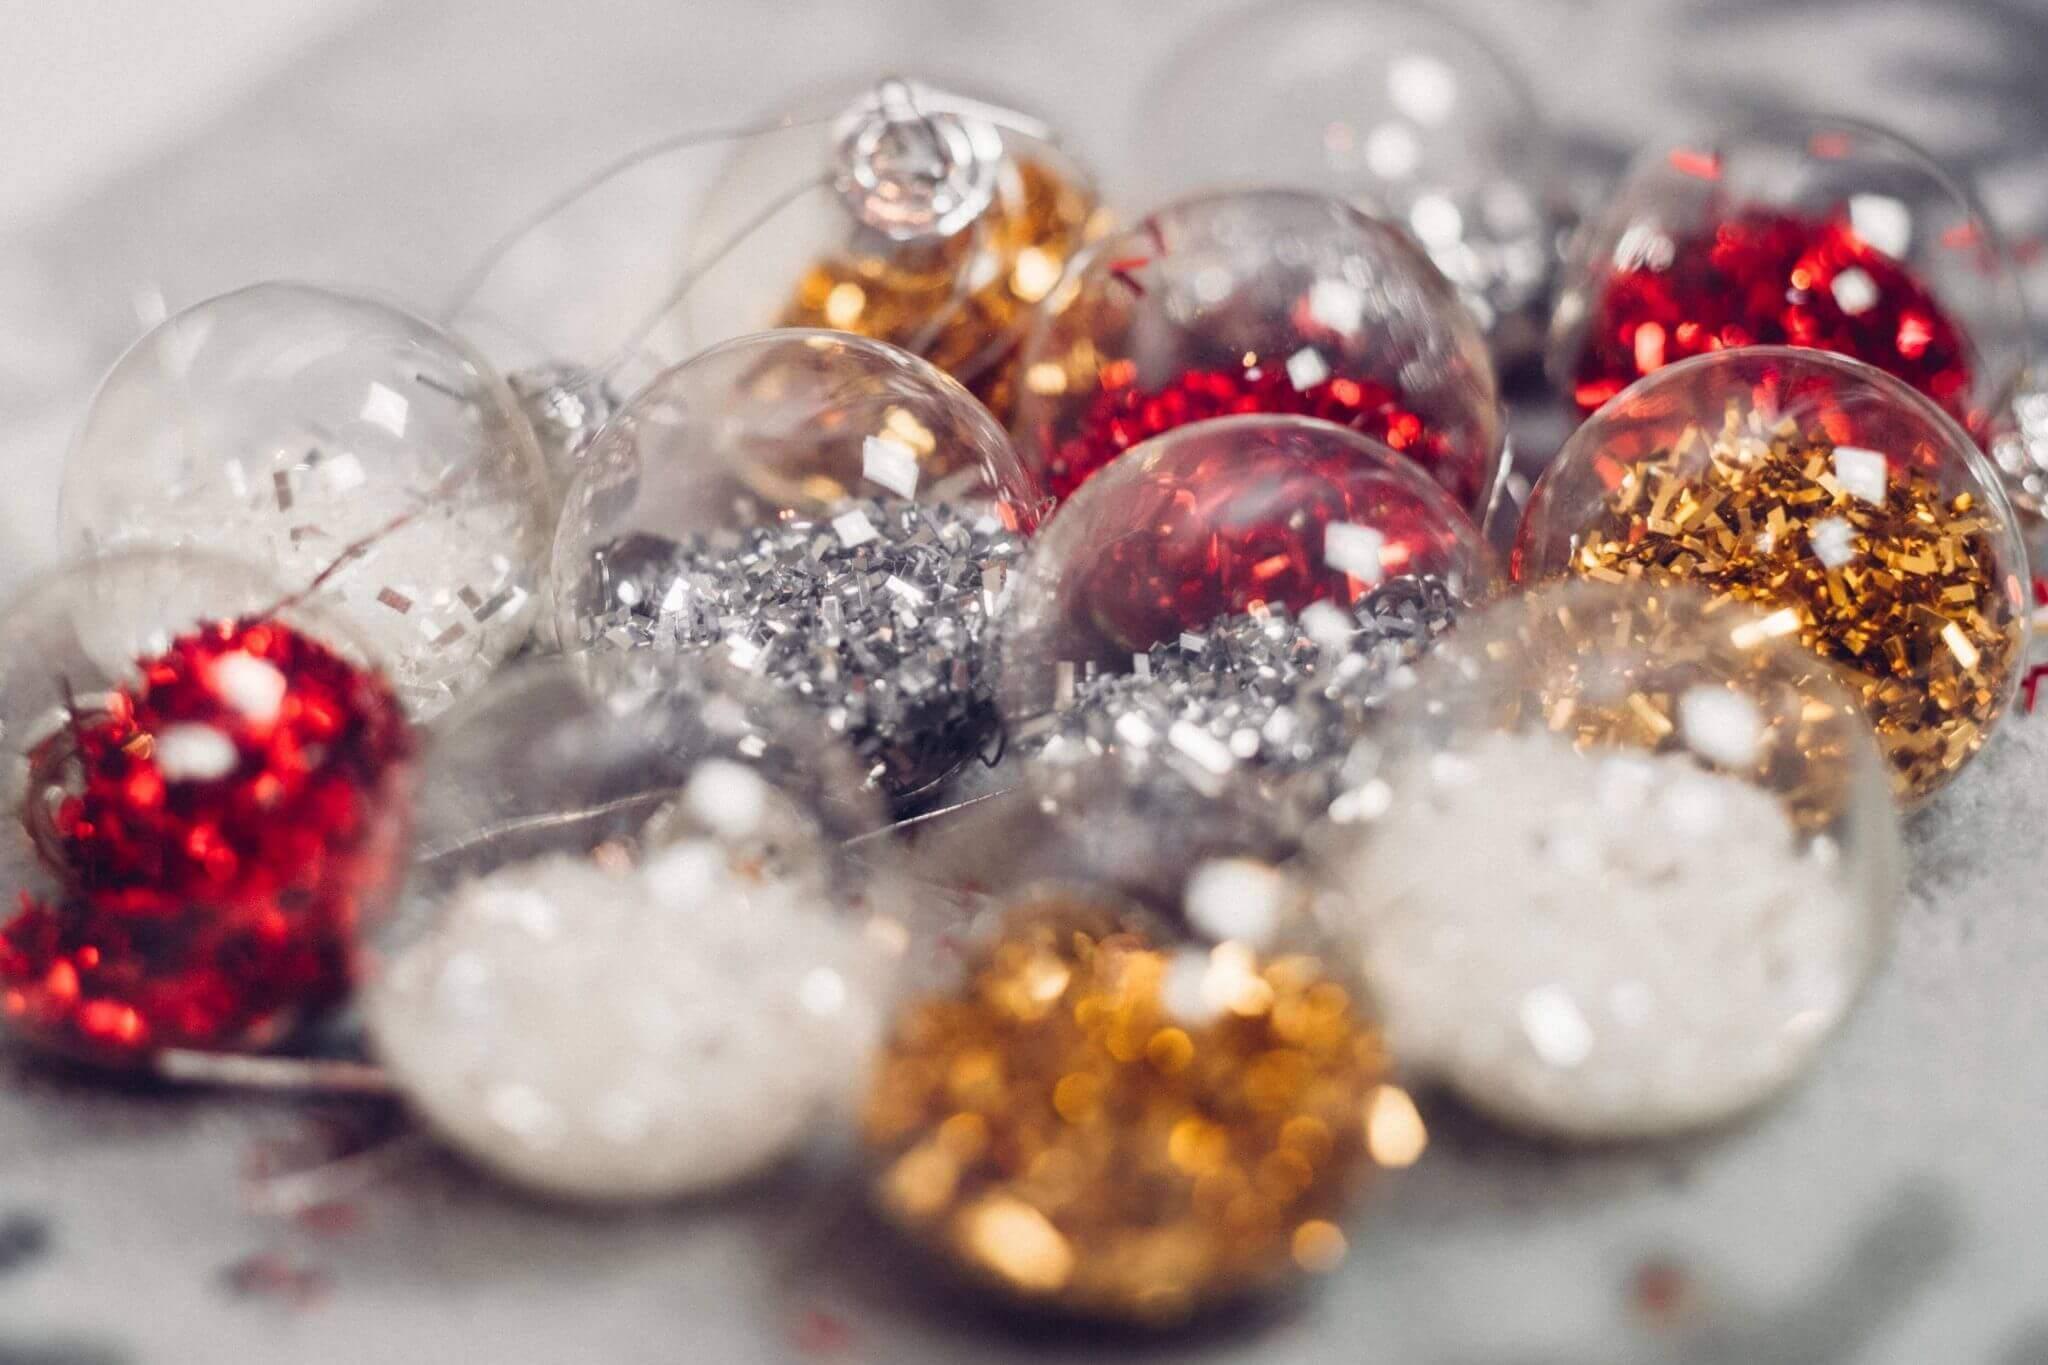 freestocks org 487547 unsplash - Je čas na ozdoby a dekorácie - lebo Vianoce